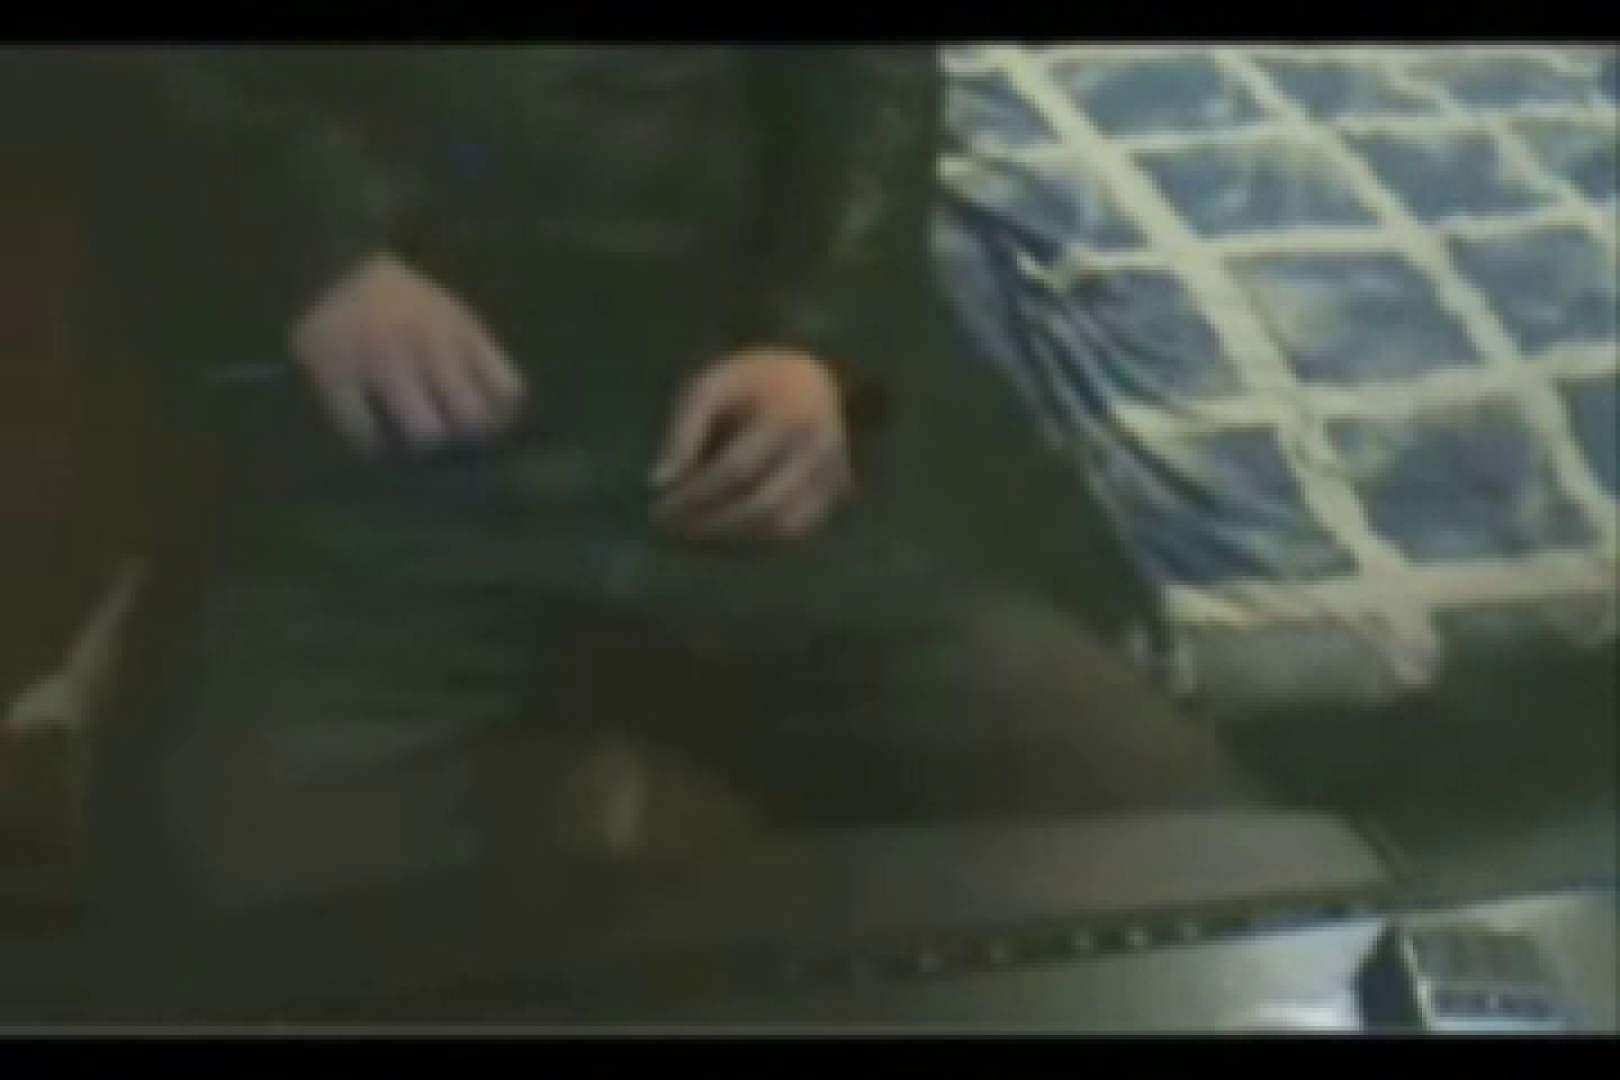 ファイル流出! ! パソコン画面を目の前に自画撮りオナニー チンコ 射精無修正動画 107枚 1